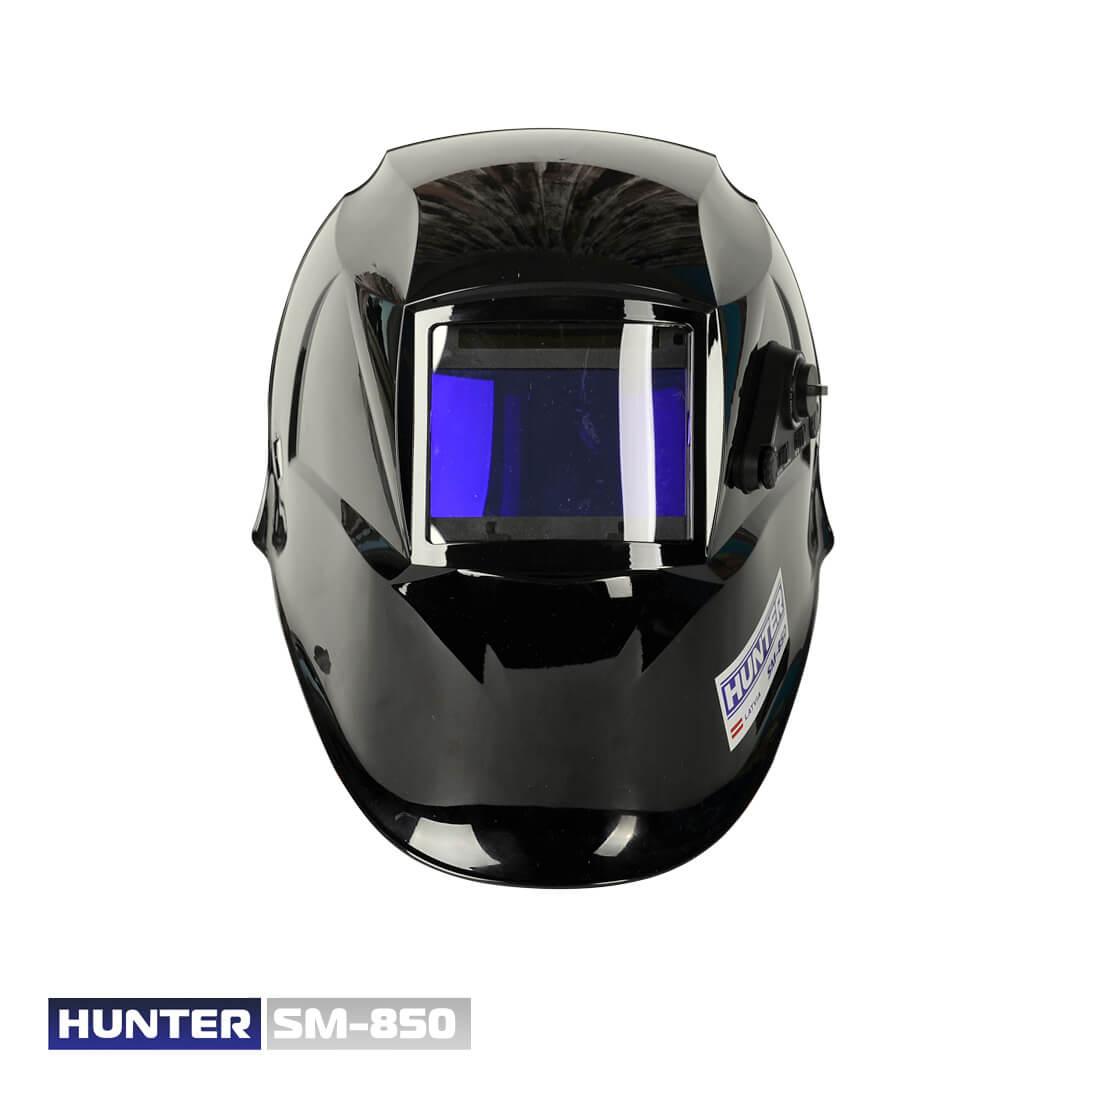 Фото SM-850 цена 1300грн №2 — Hunter